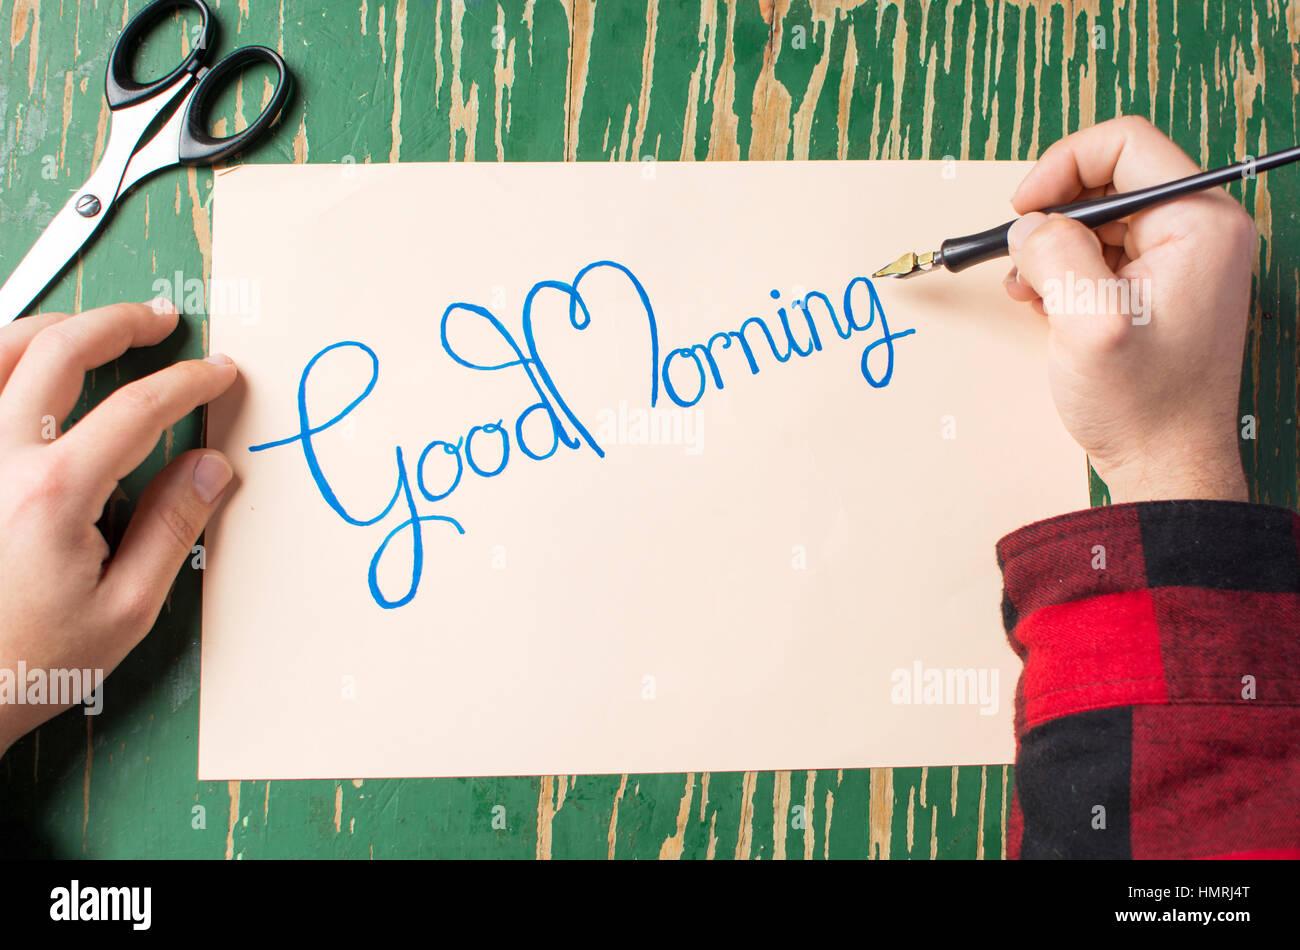 Menschen Die Schreiben Einer Guten Morgen Hinweis Draufsicht